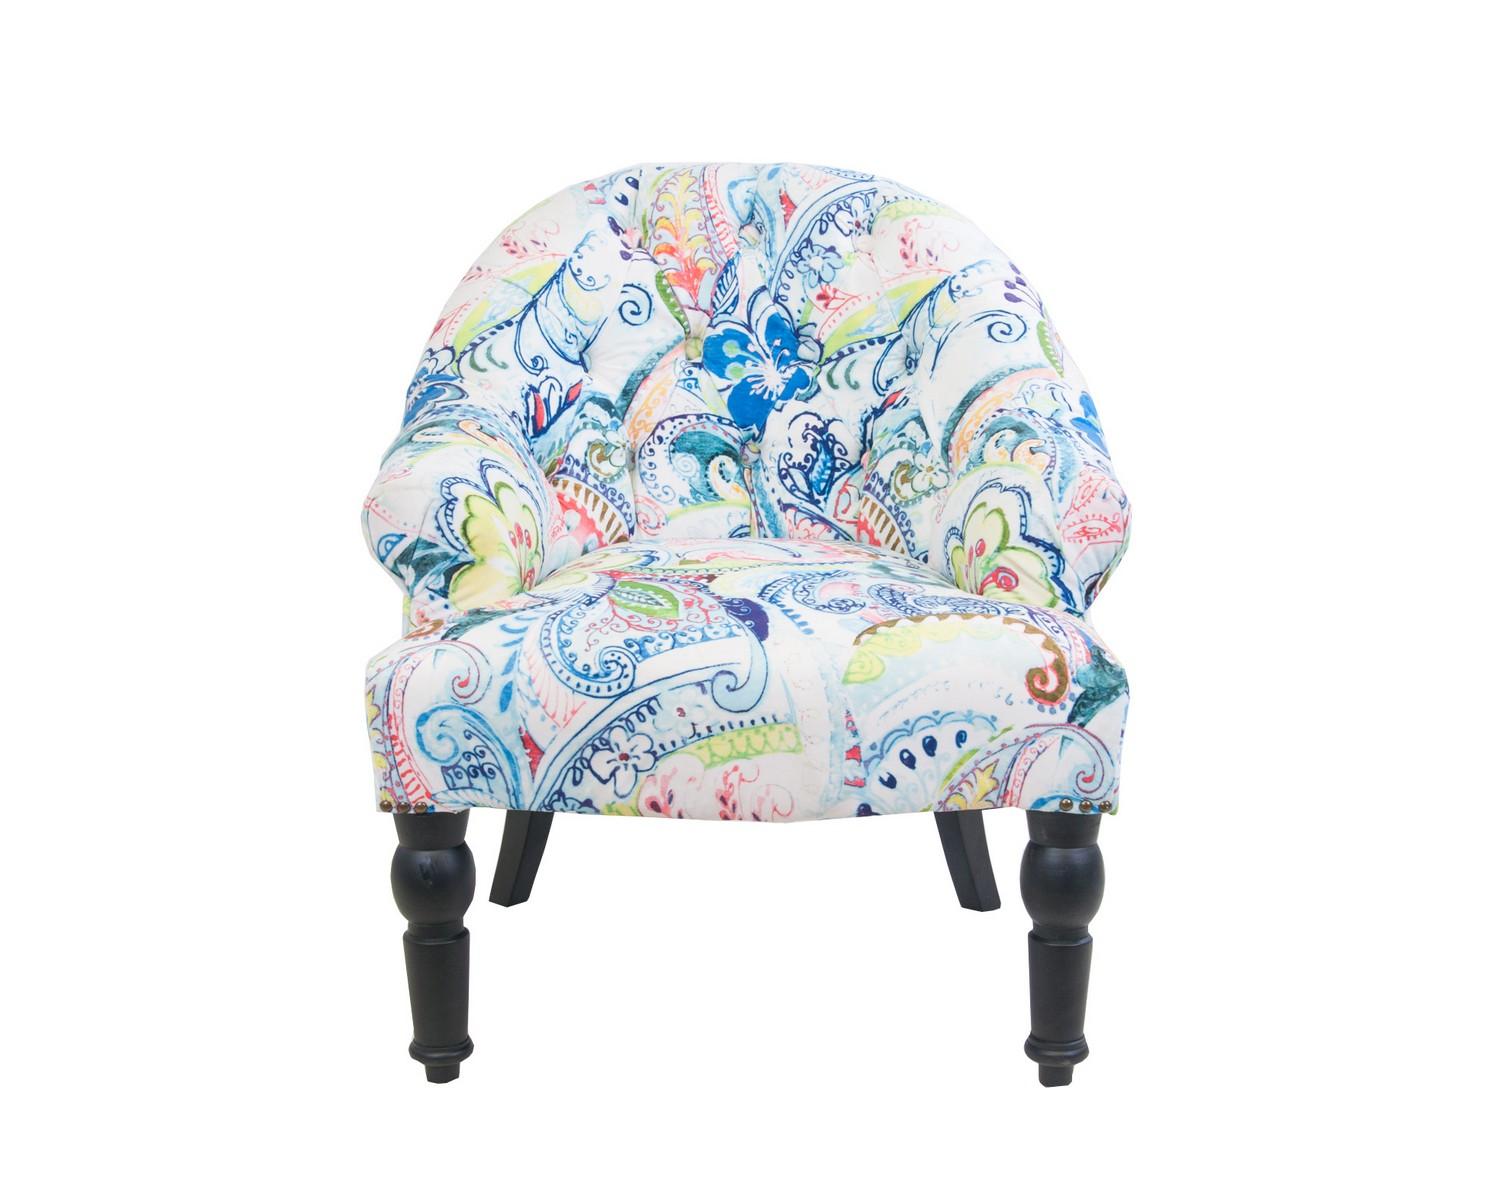 Кресло Desta flowerПолукресла<br>Это классическое кресло придаст вашему дому уютную и теплую атмосферу. Невысокая спинка с декоративной стежкой и компактные подлокотники располагают к комфортному времяпровождению. Деревянные резные ножки кресла Desta делают его безупречный образ законченным. Кресло отлично подойдет как для жилых помещений, так и для кафе и ресторанов.<br><br>Material: Лен<br>Ширина см: 65<br>Высота см: 76<br>Глубина см: 66